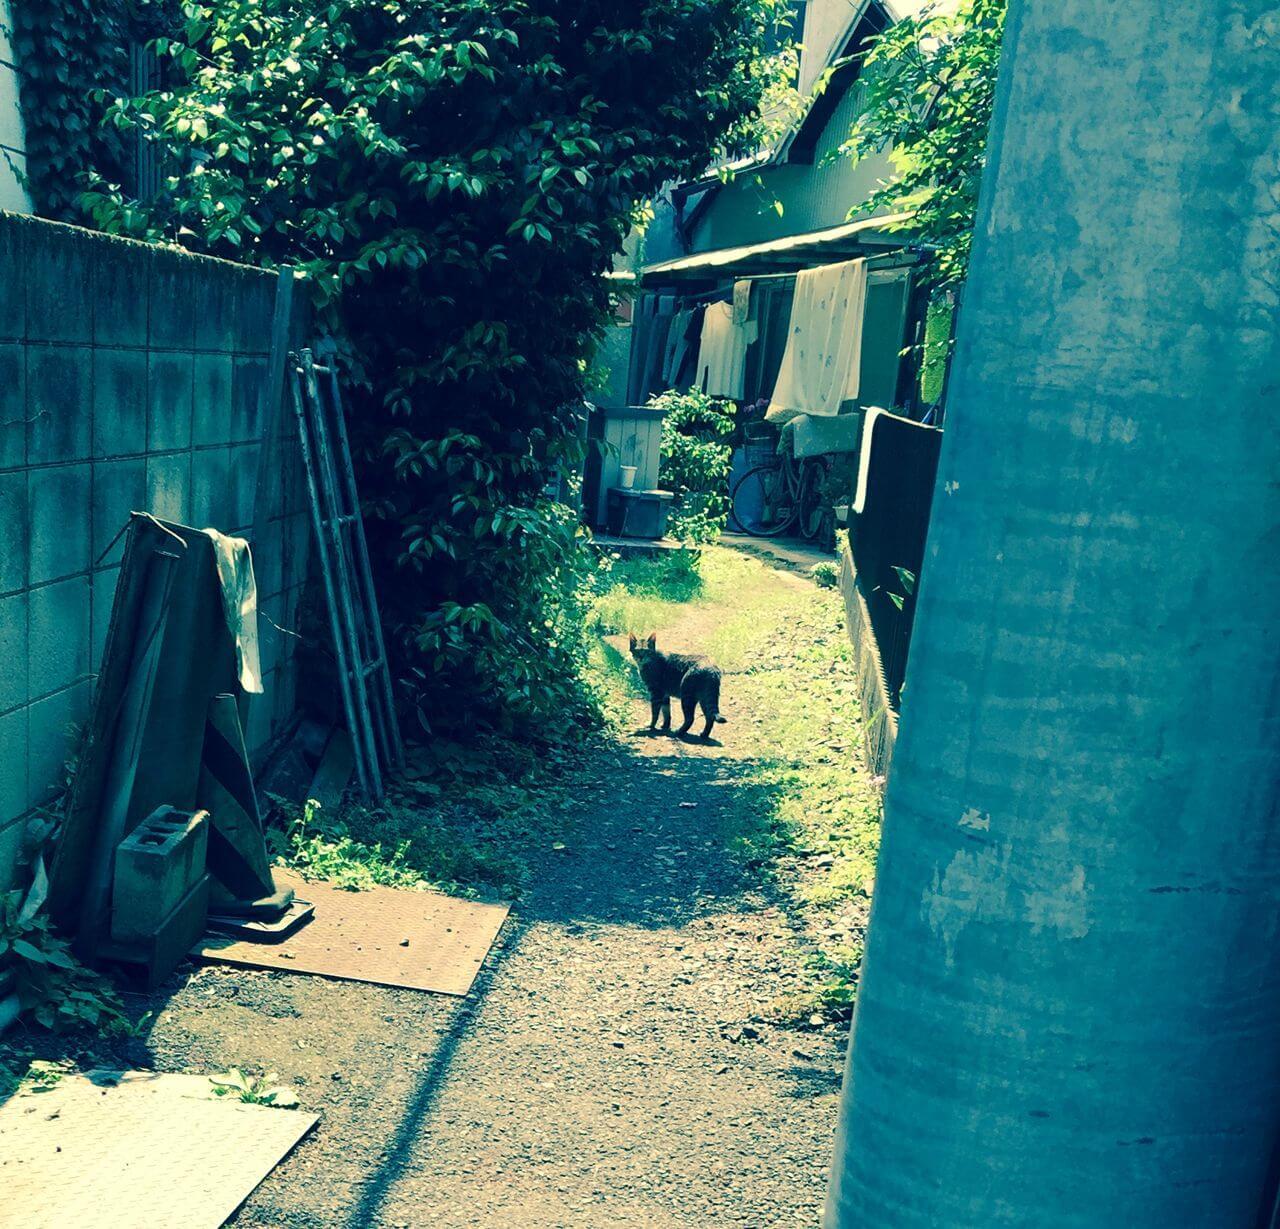 ネコさんと遭遇のブログ画像